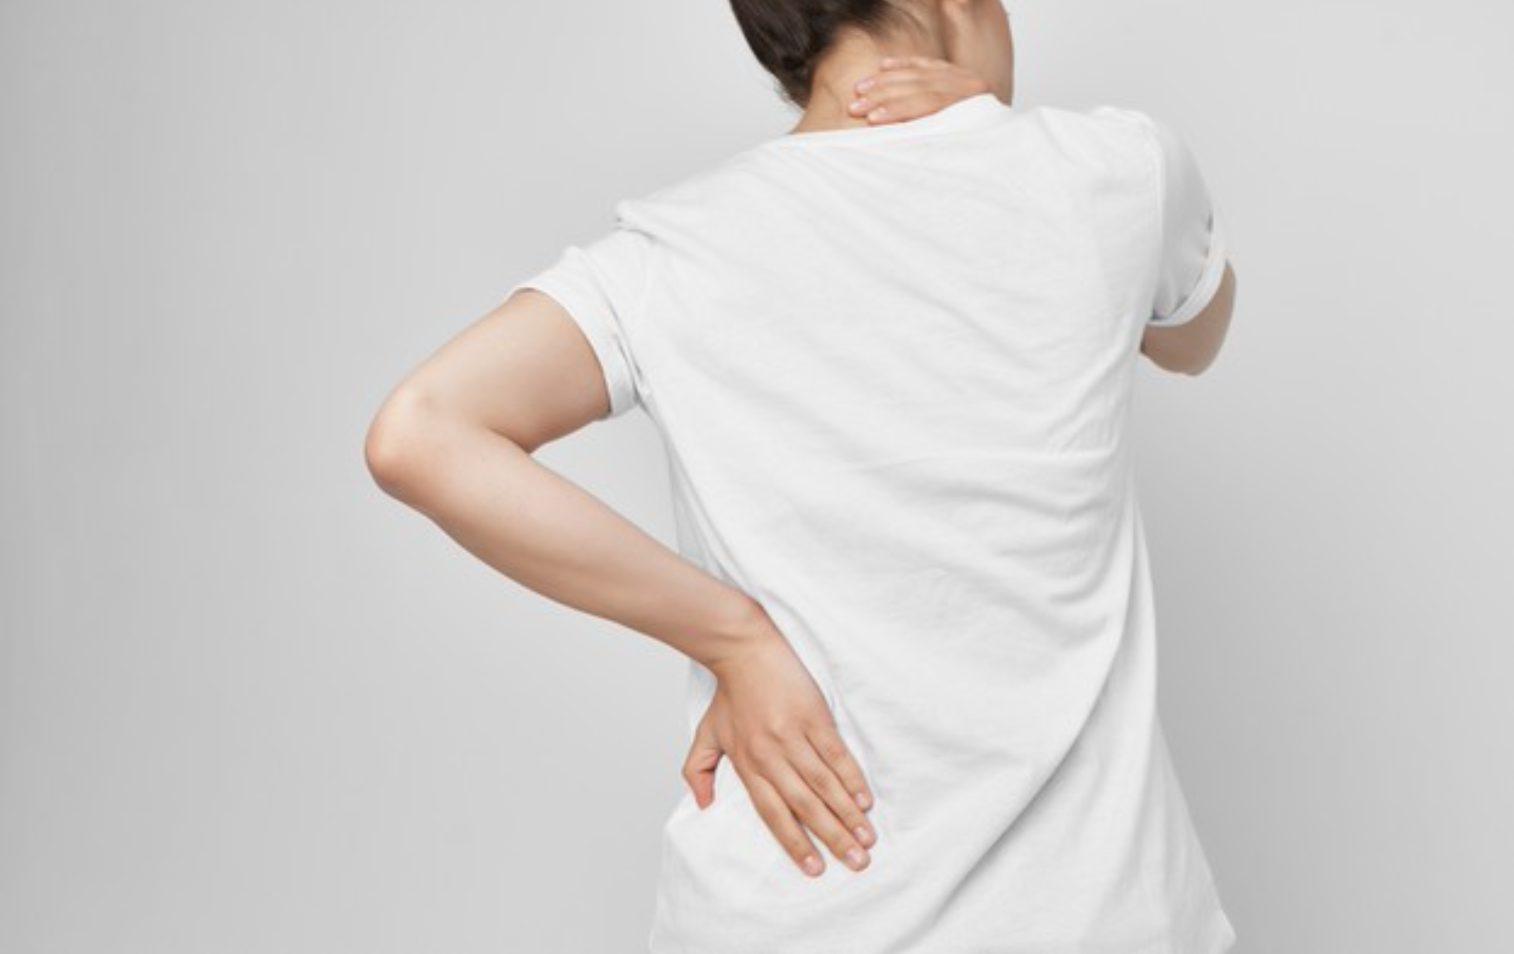 勘違い多発?腰が痛くならないマットレスの正しい選び方